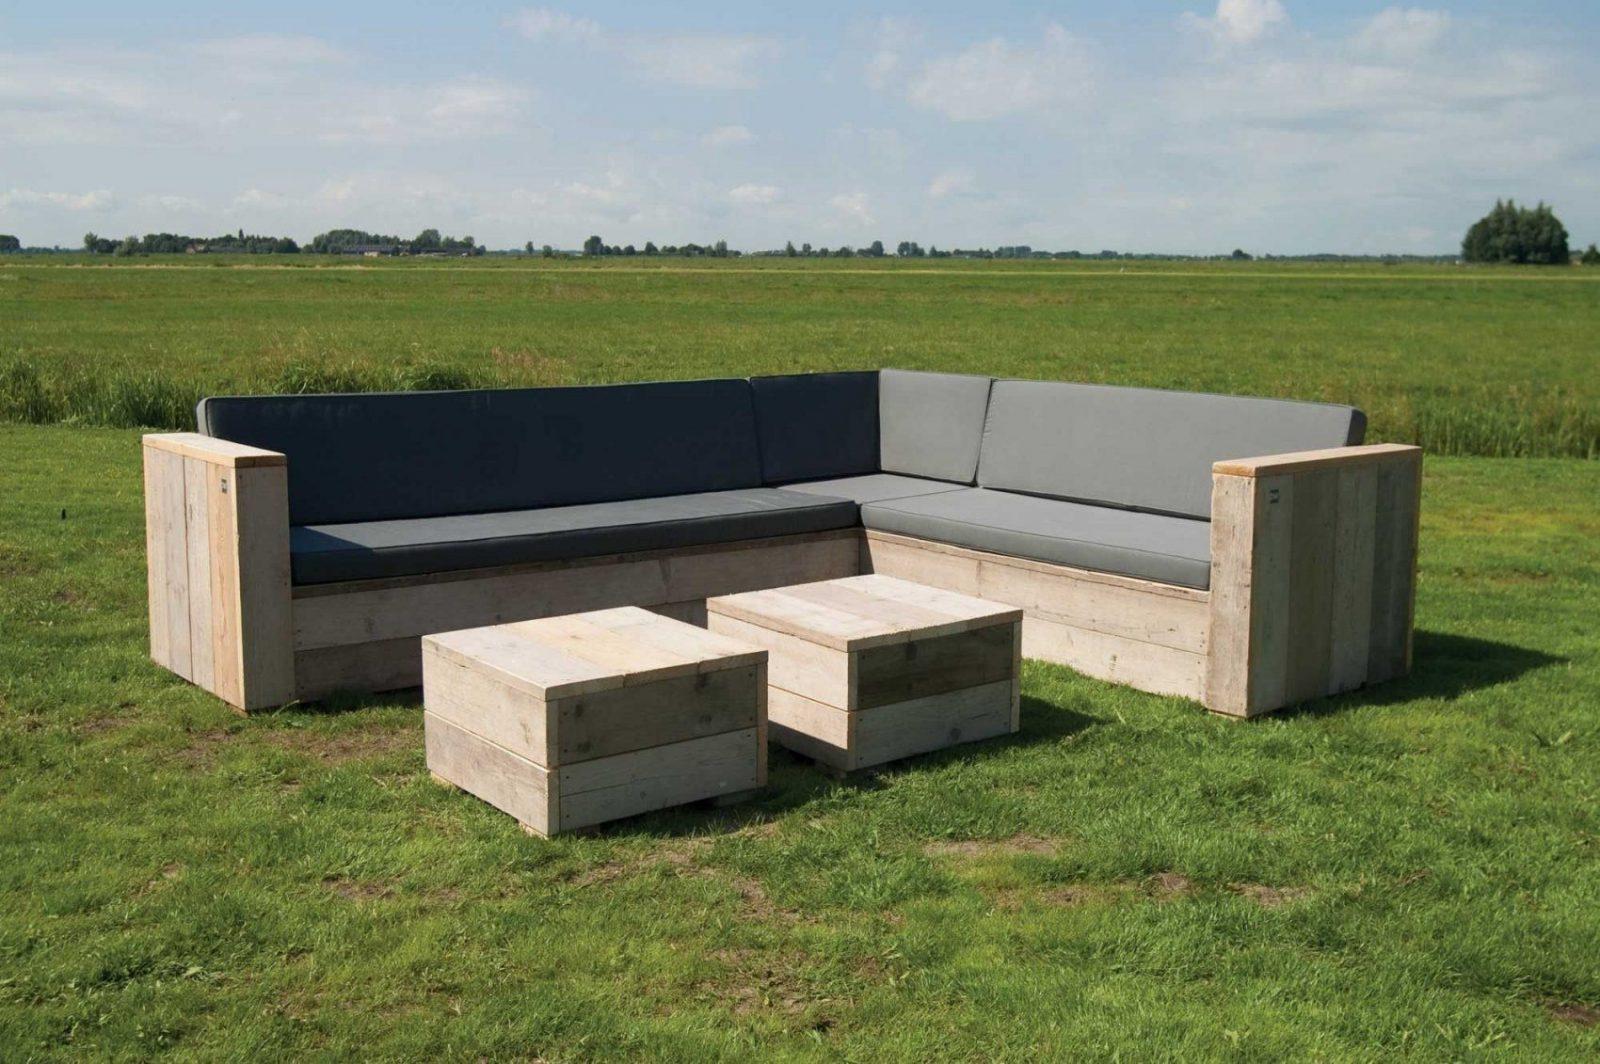 Gartenset Eckbank Aus Unbehandeltem Gerüstholz Mit Tisch Lounge von Bauholz Gartenmöbel Selber Bauen Photo